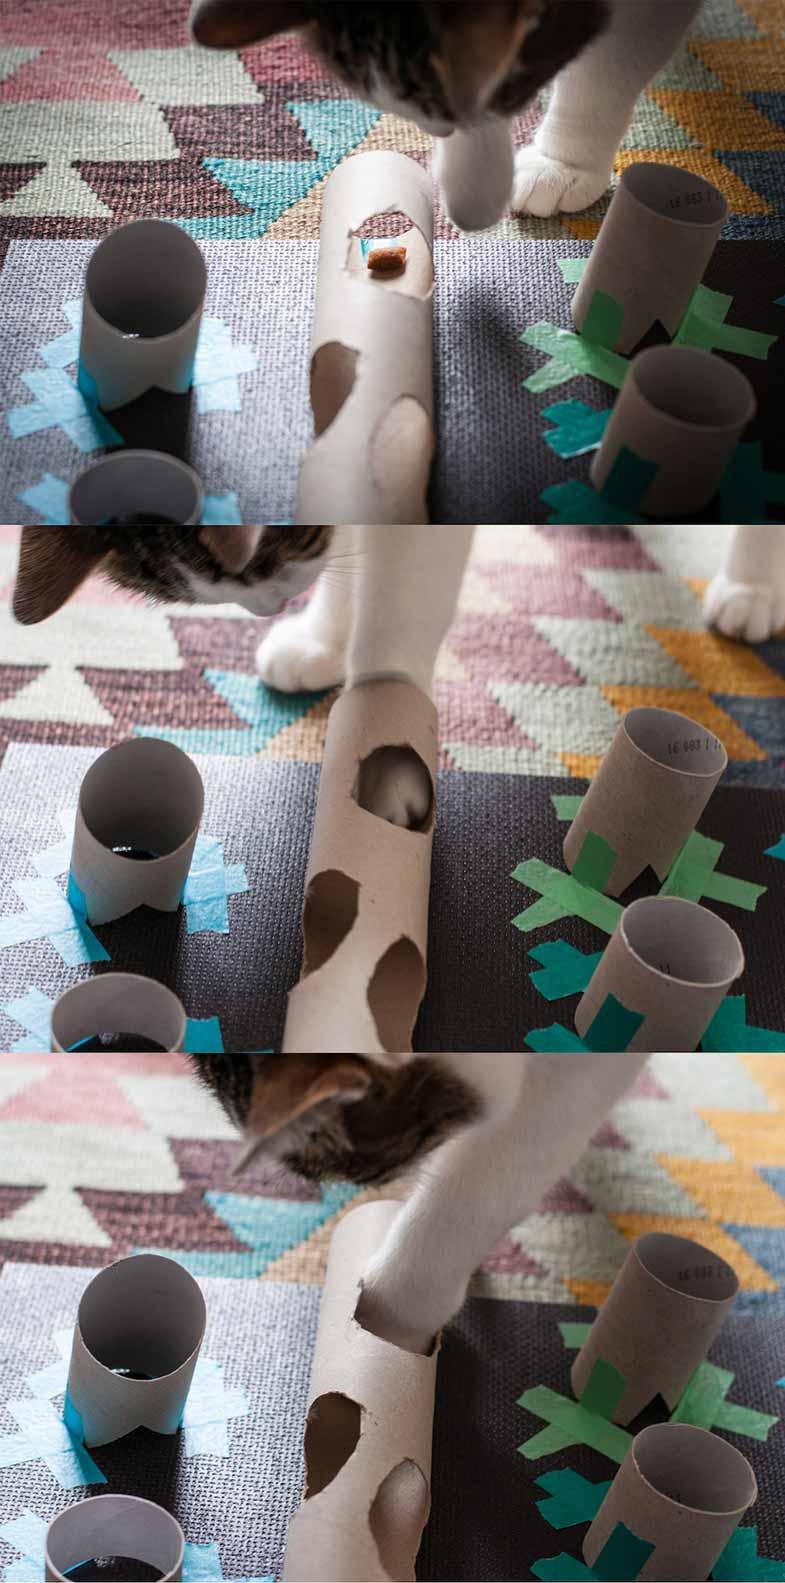 Katze spielt mit selbstgebauten Spielzeug